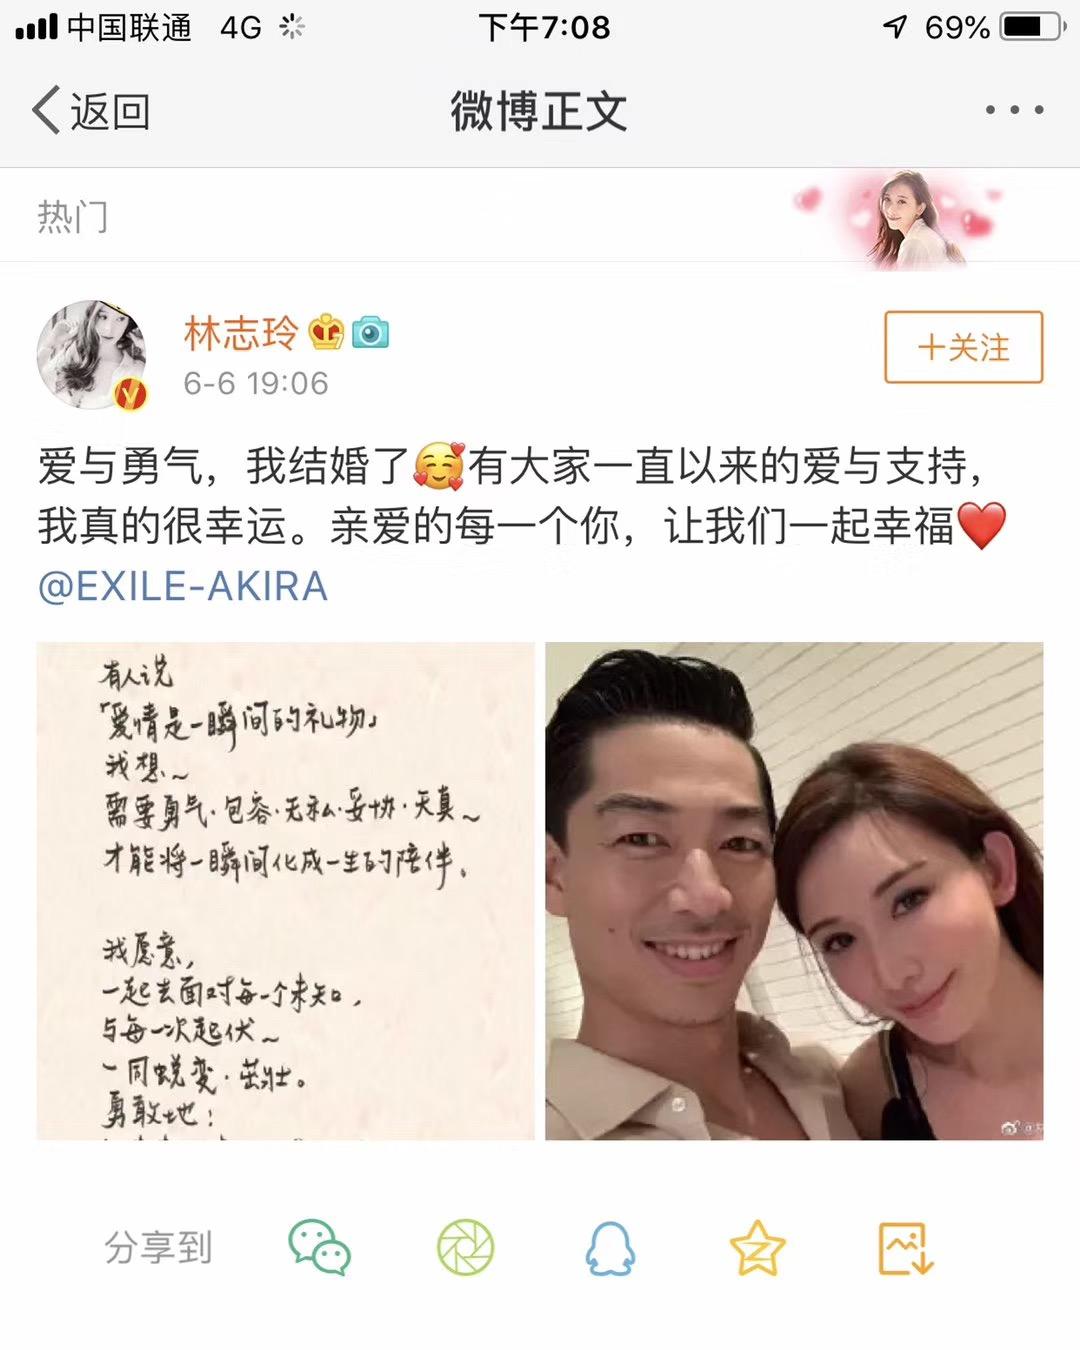 冻龄女神林志玲宣布结婚 45岁找到真爱迈入婚姻殿堂